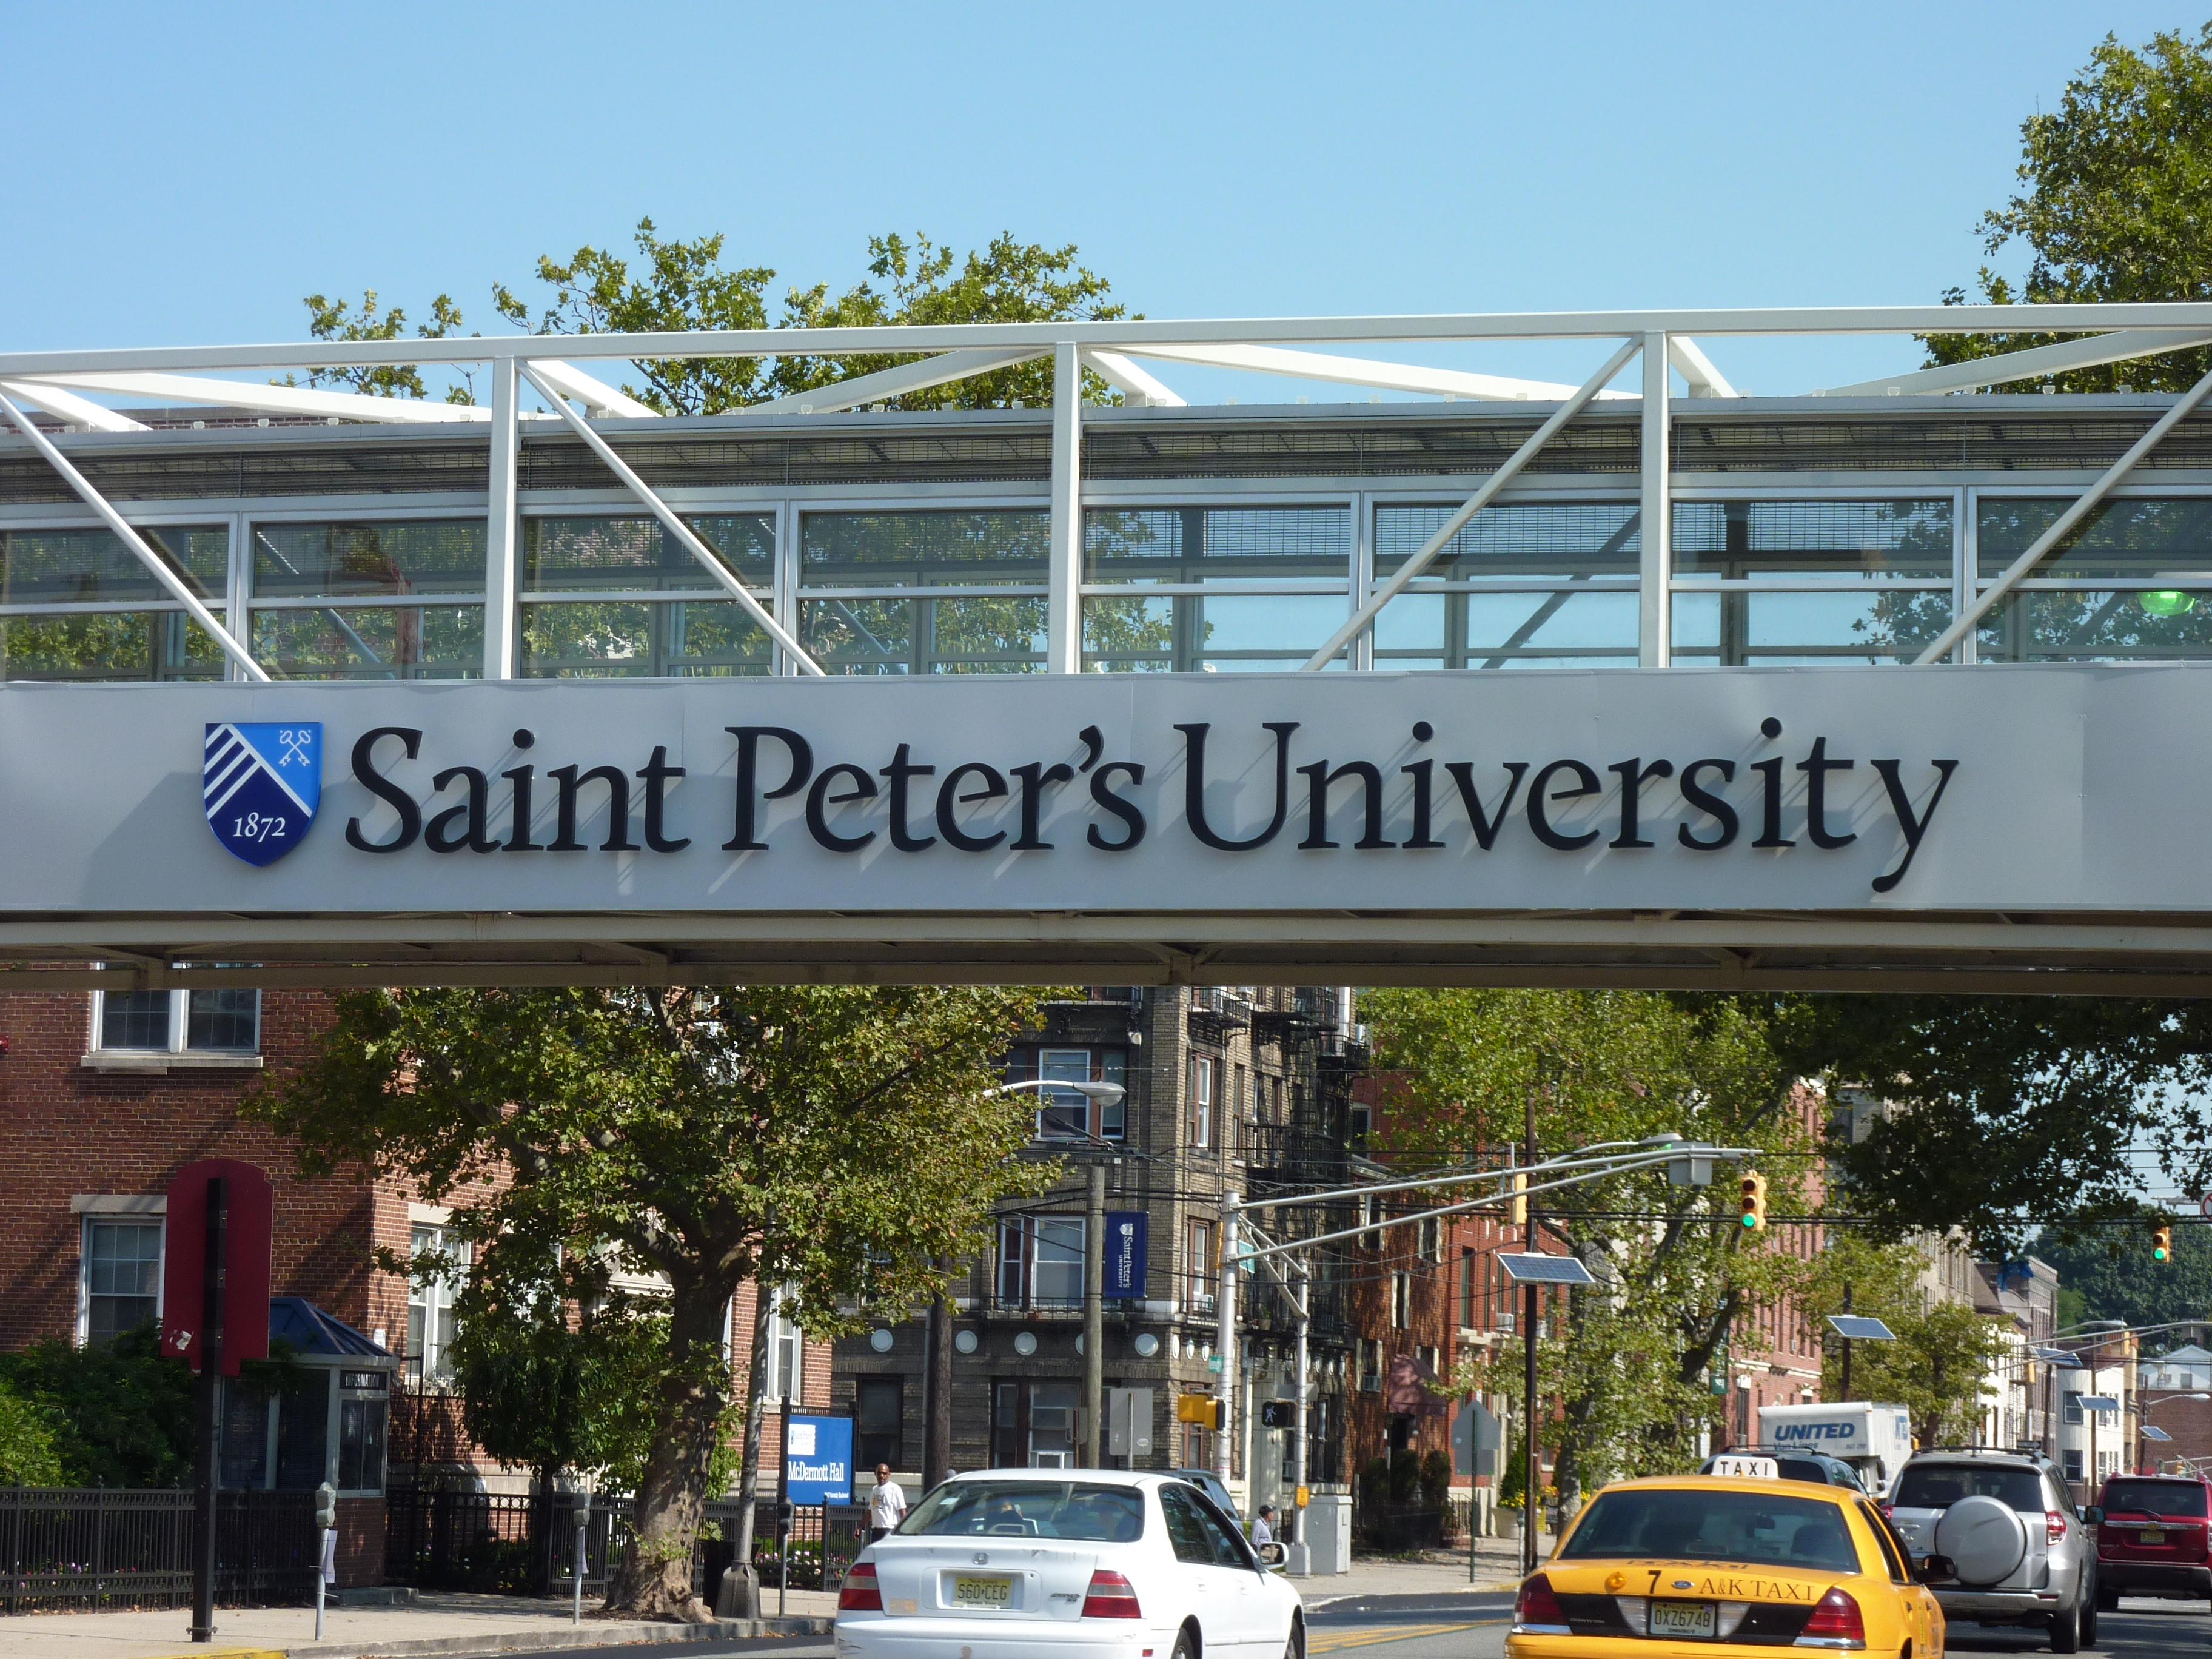 10 Hardest Courses at Saint Peter's University